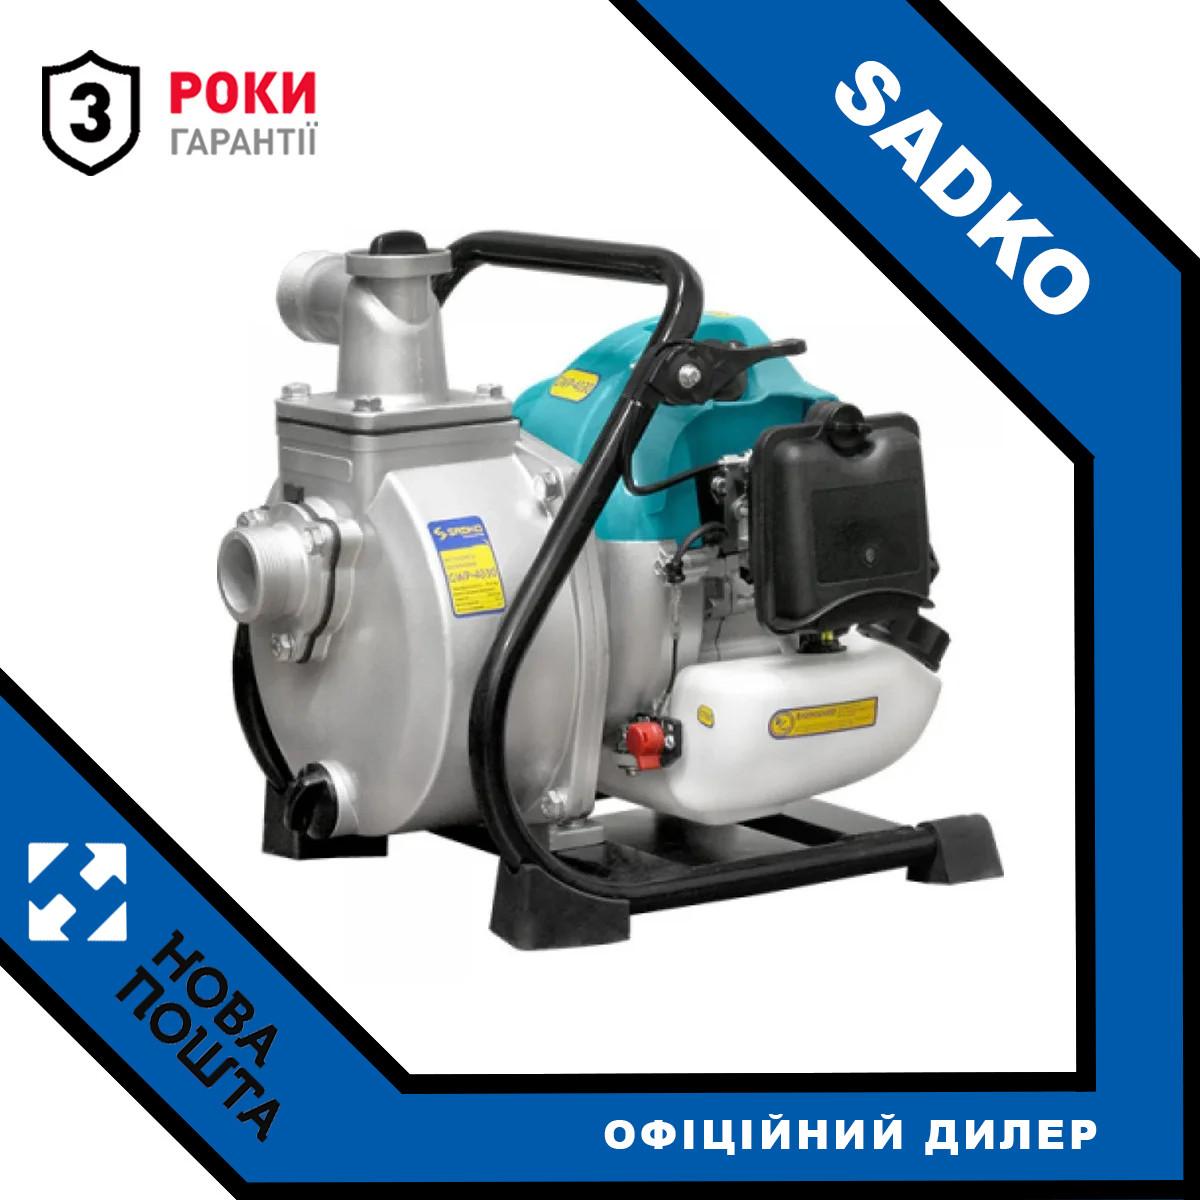 Мотопомпа Sadko GWP-4030 (19 м.куб / год, для чистої води) (F00162801)